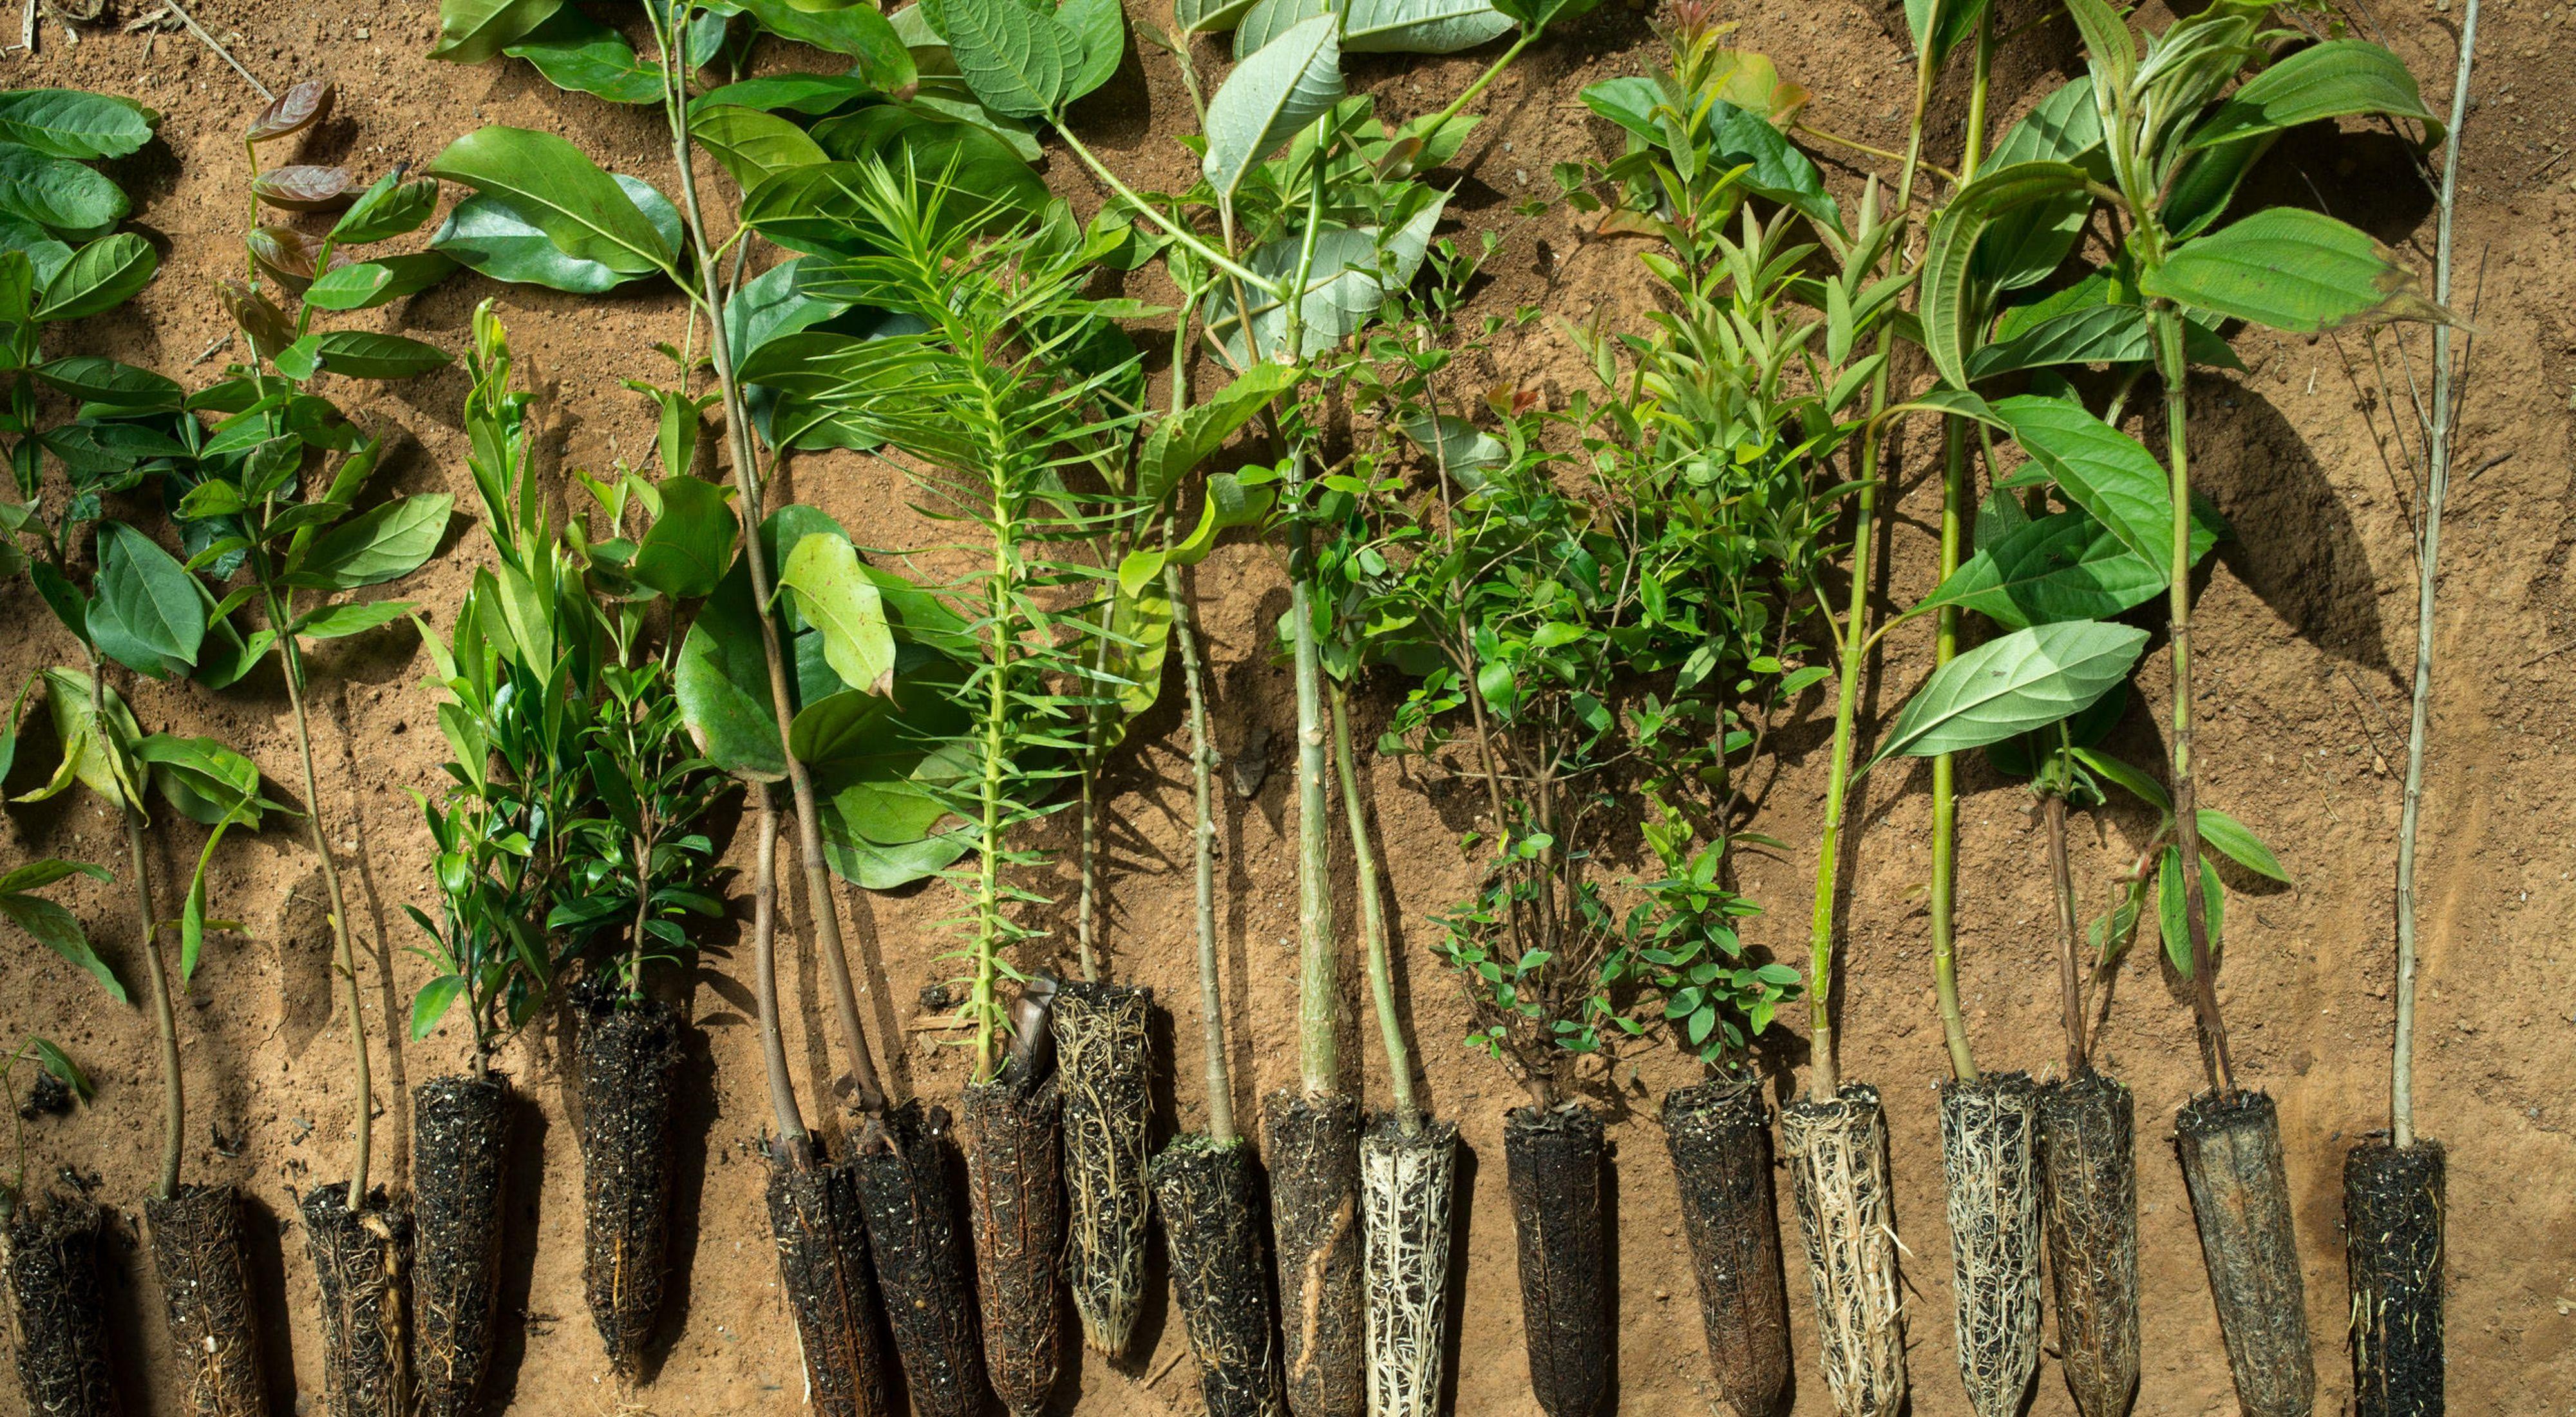 Estos árboles se preparan para ser plantados en el área de Mantiqueria del Bosque Atlántico de Brasil. Programa de lucha contra el cambio climático de TNC.